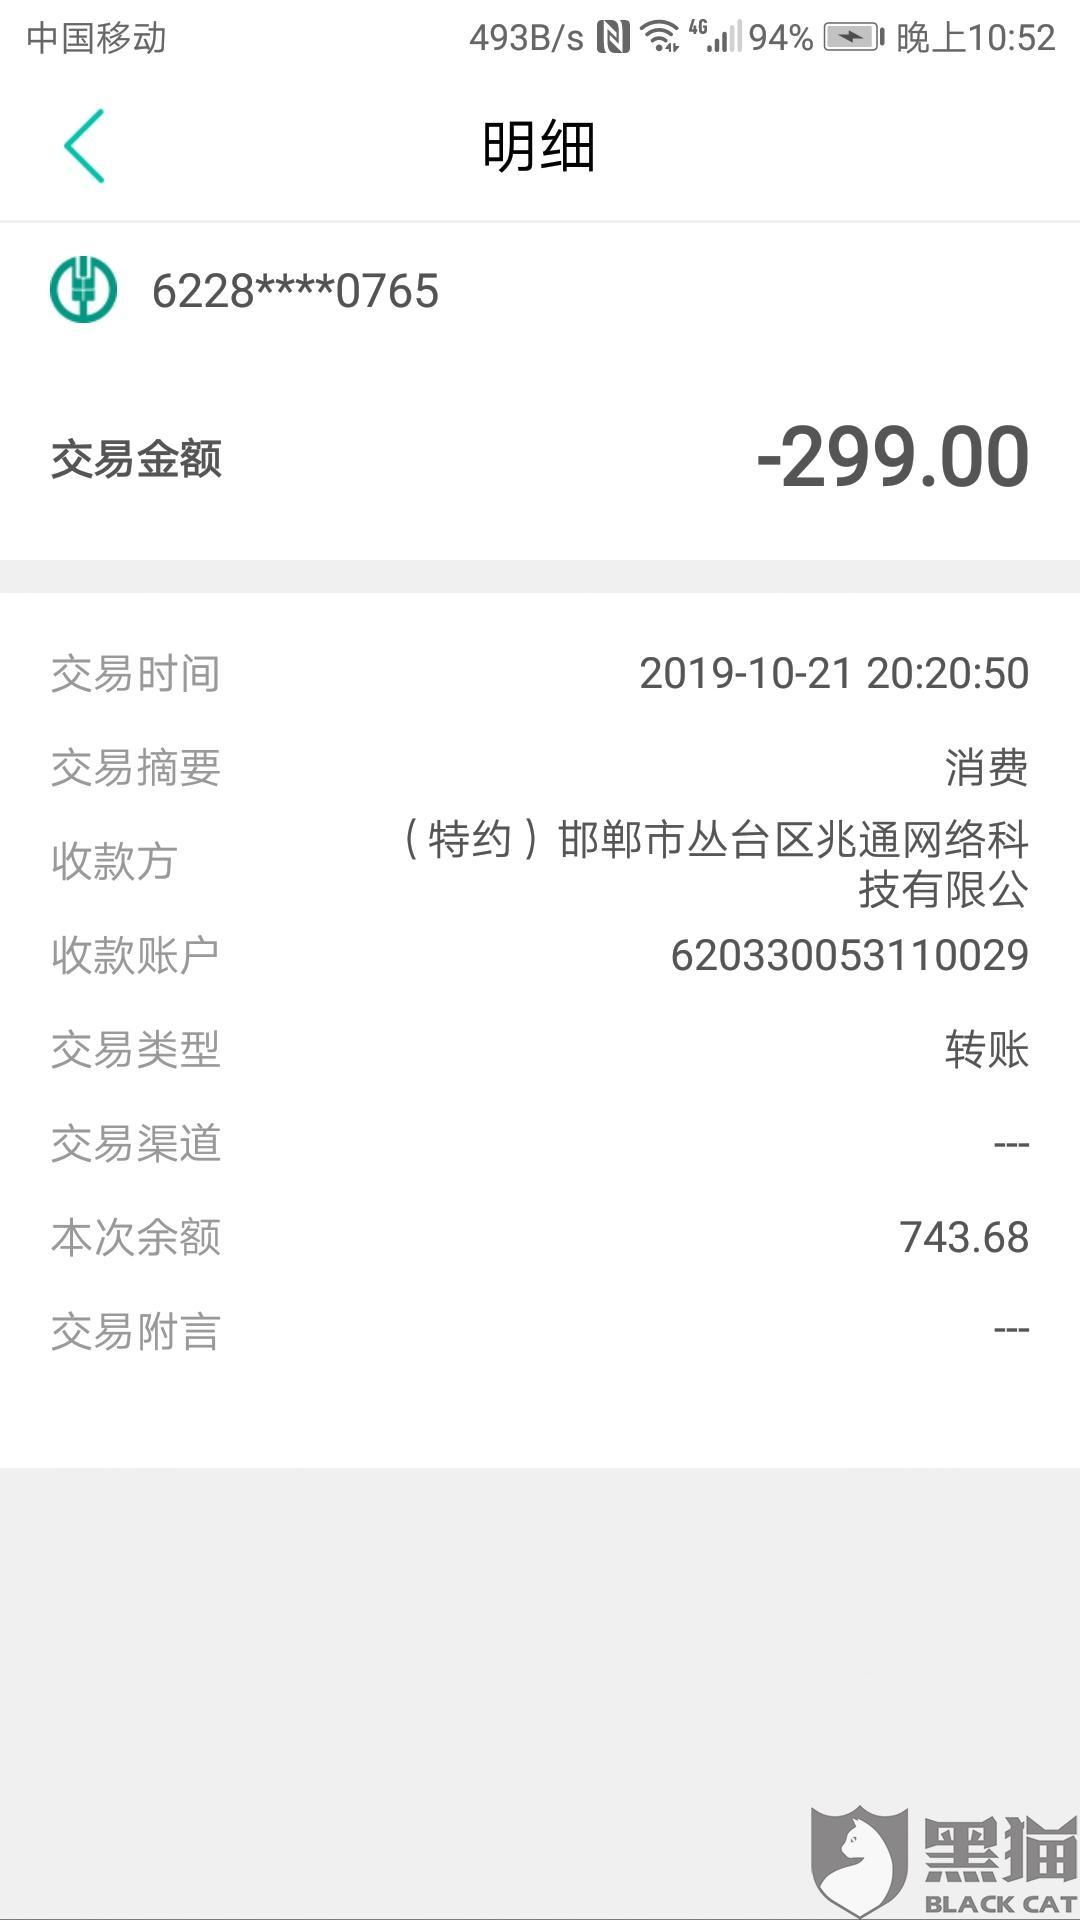 黑猫投诉:邯郸市丛台区兆通网络科技有限公司乱扣费